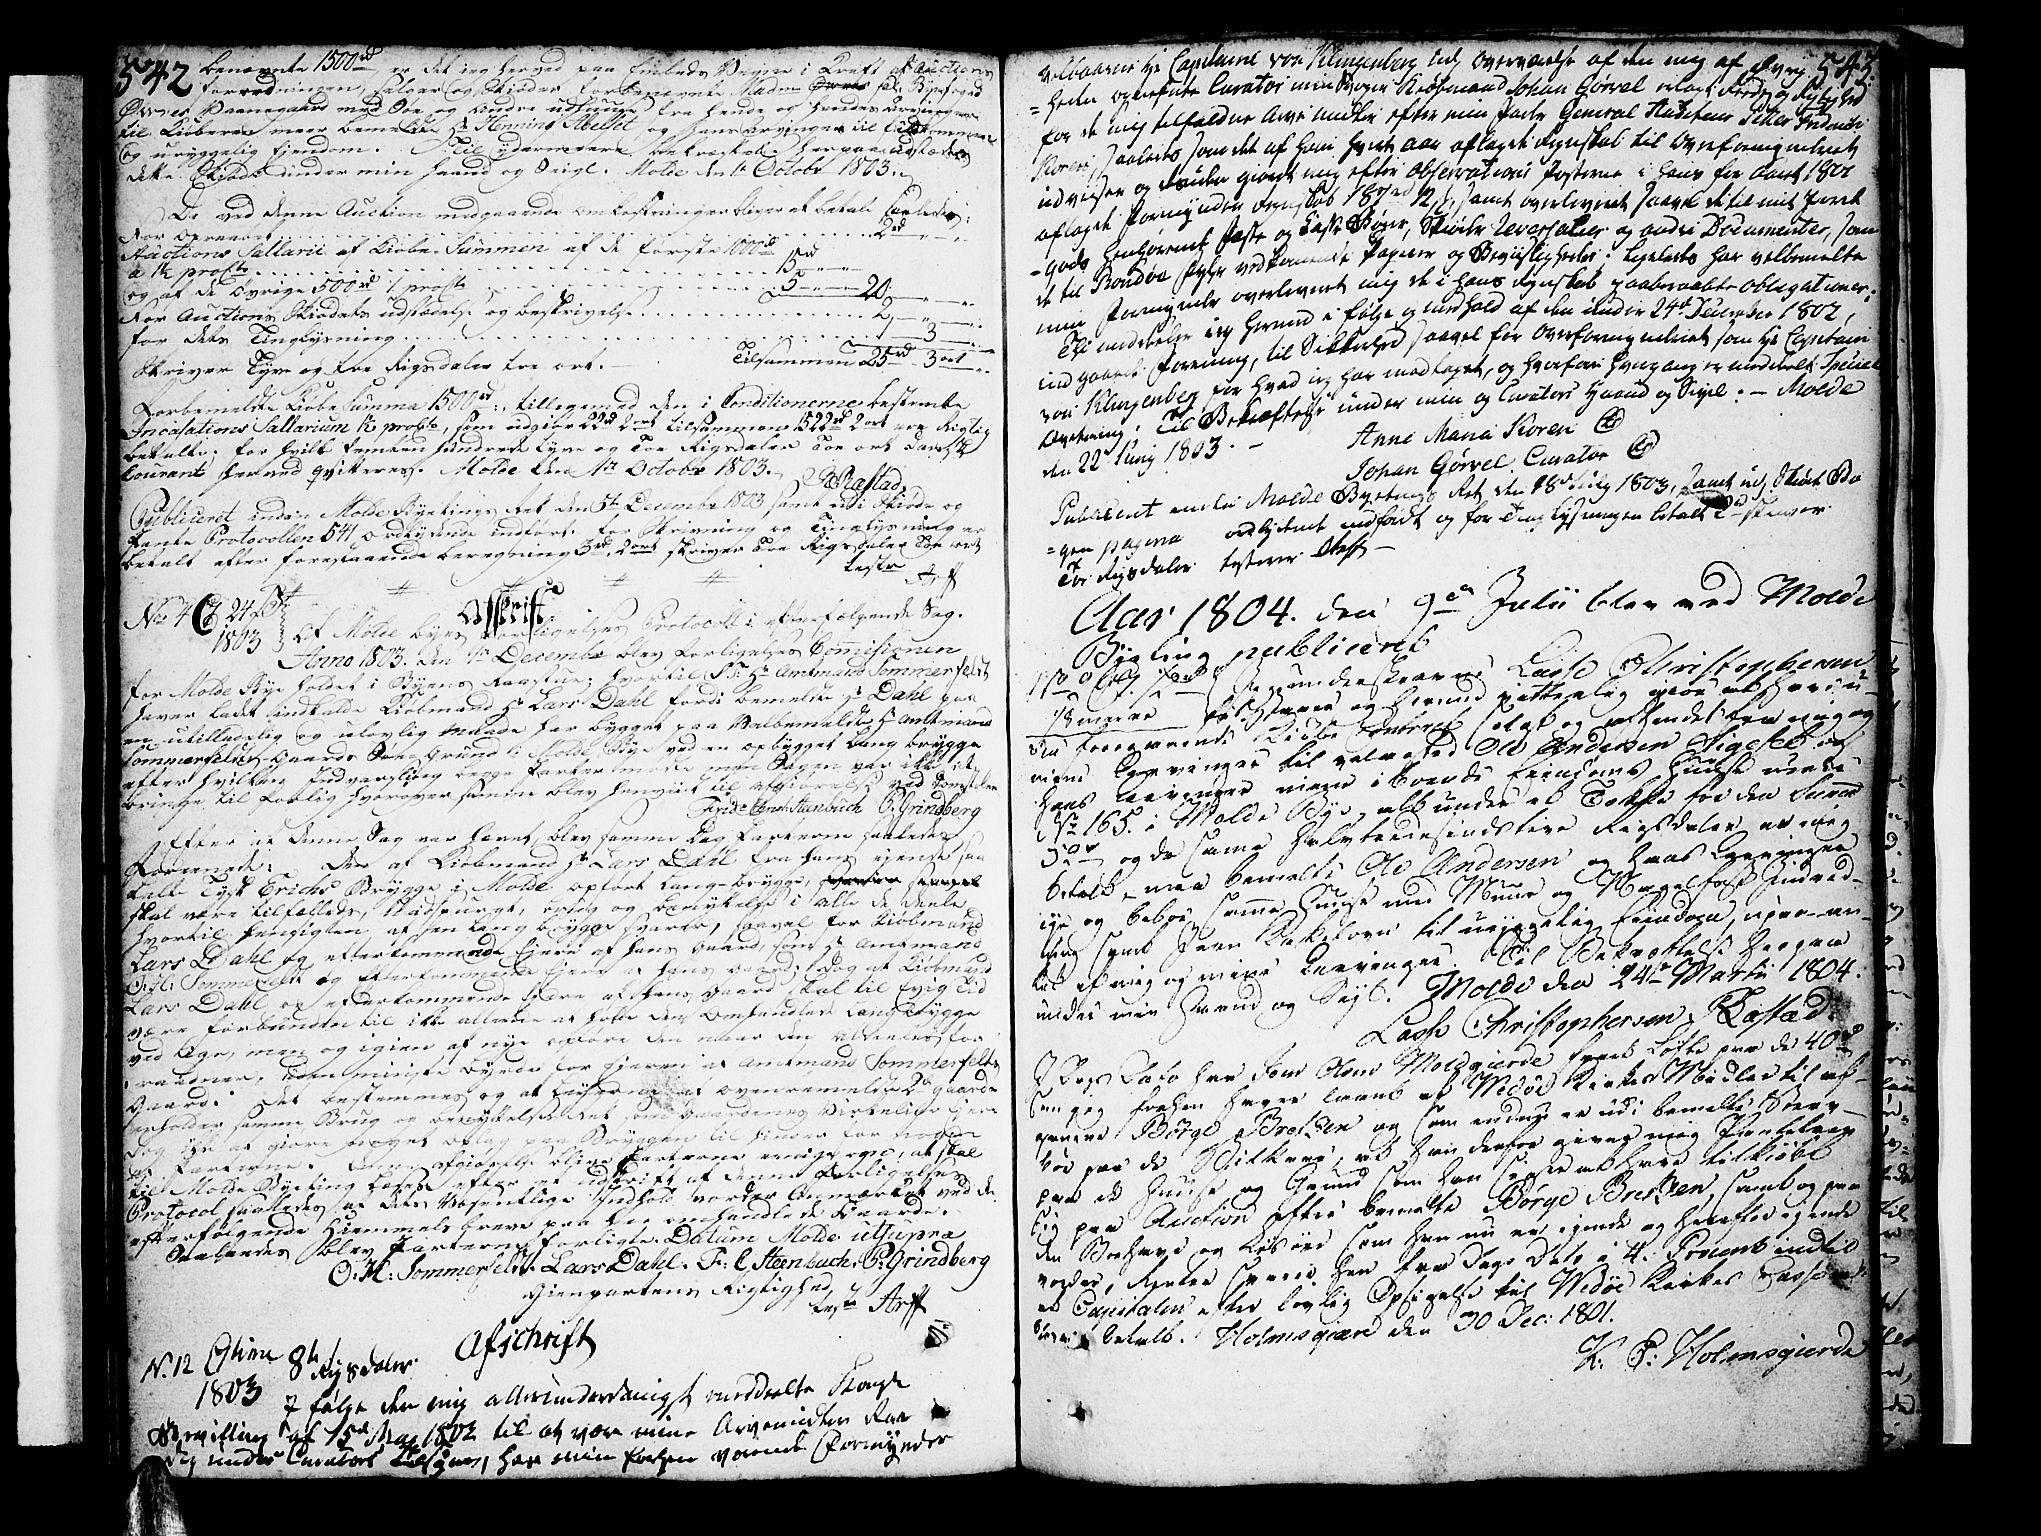 SAT, Molde byfogd, 2/2C/L0001: Pantebok nr. 1, 1748-1823, s. 542-543